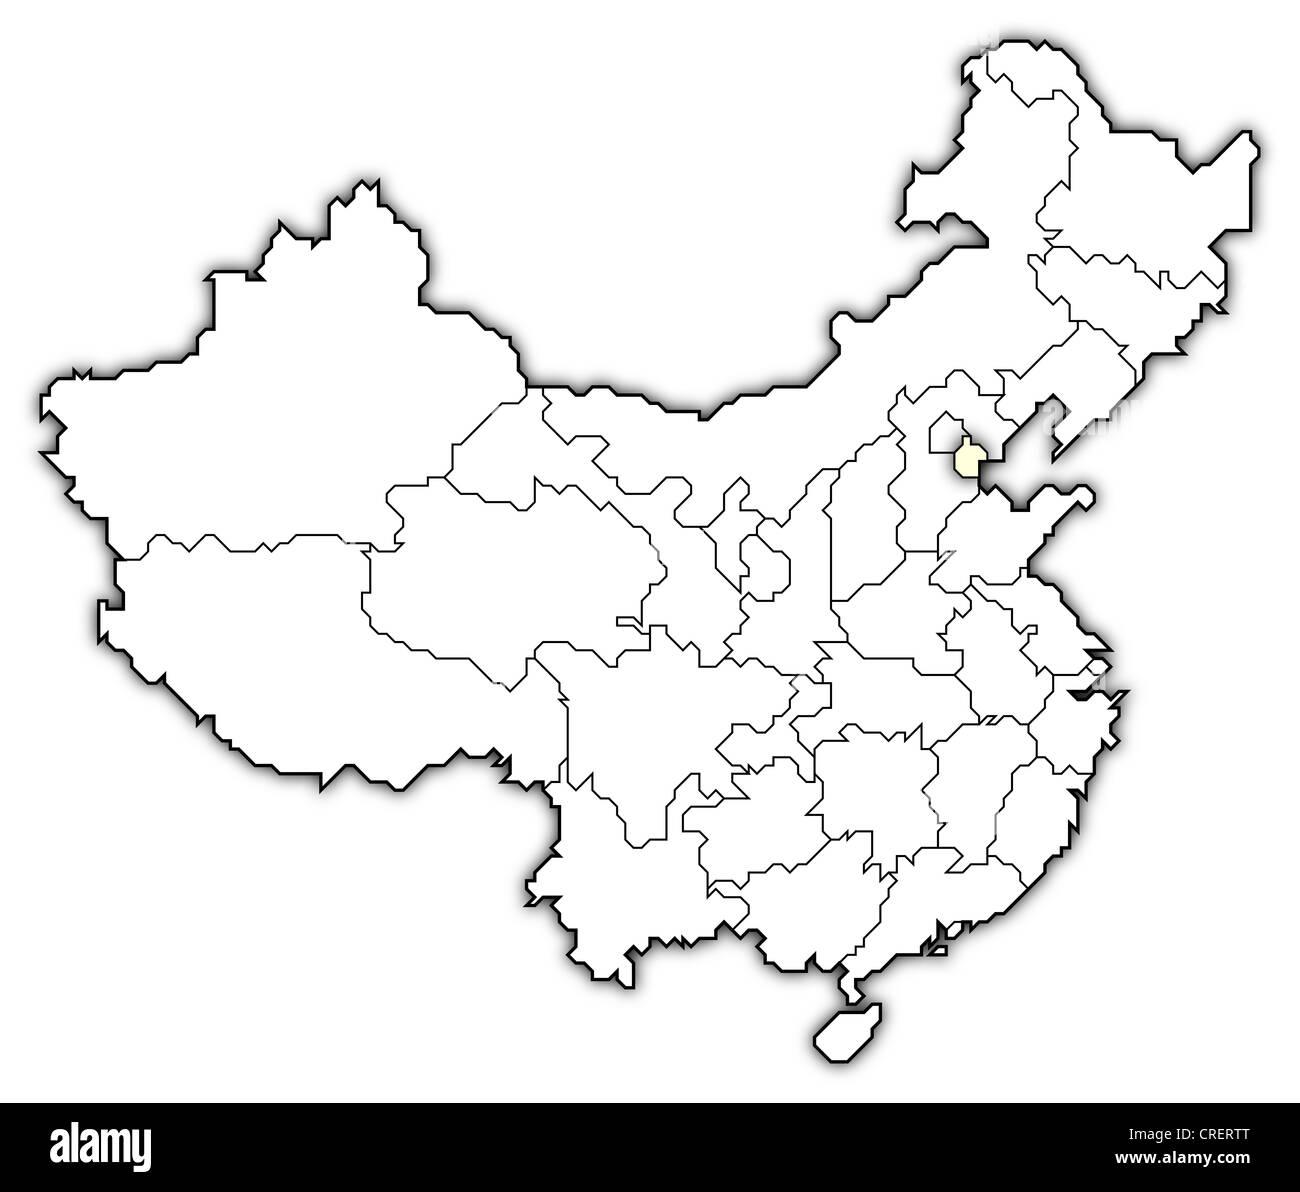 Cartina Cina Con Province.Mappa Politica Della Cina Con Le Diverse Province Dove Tianjin E Evidenziata Foto Stock Alamy